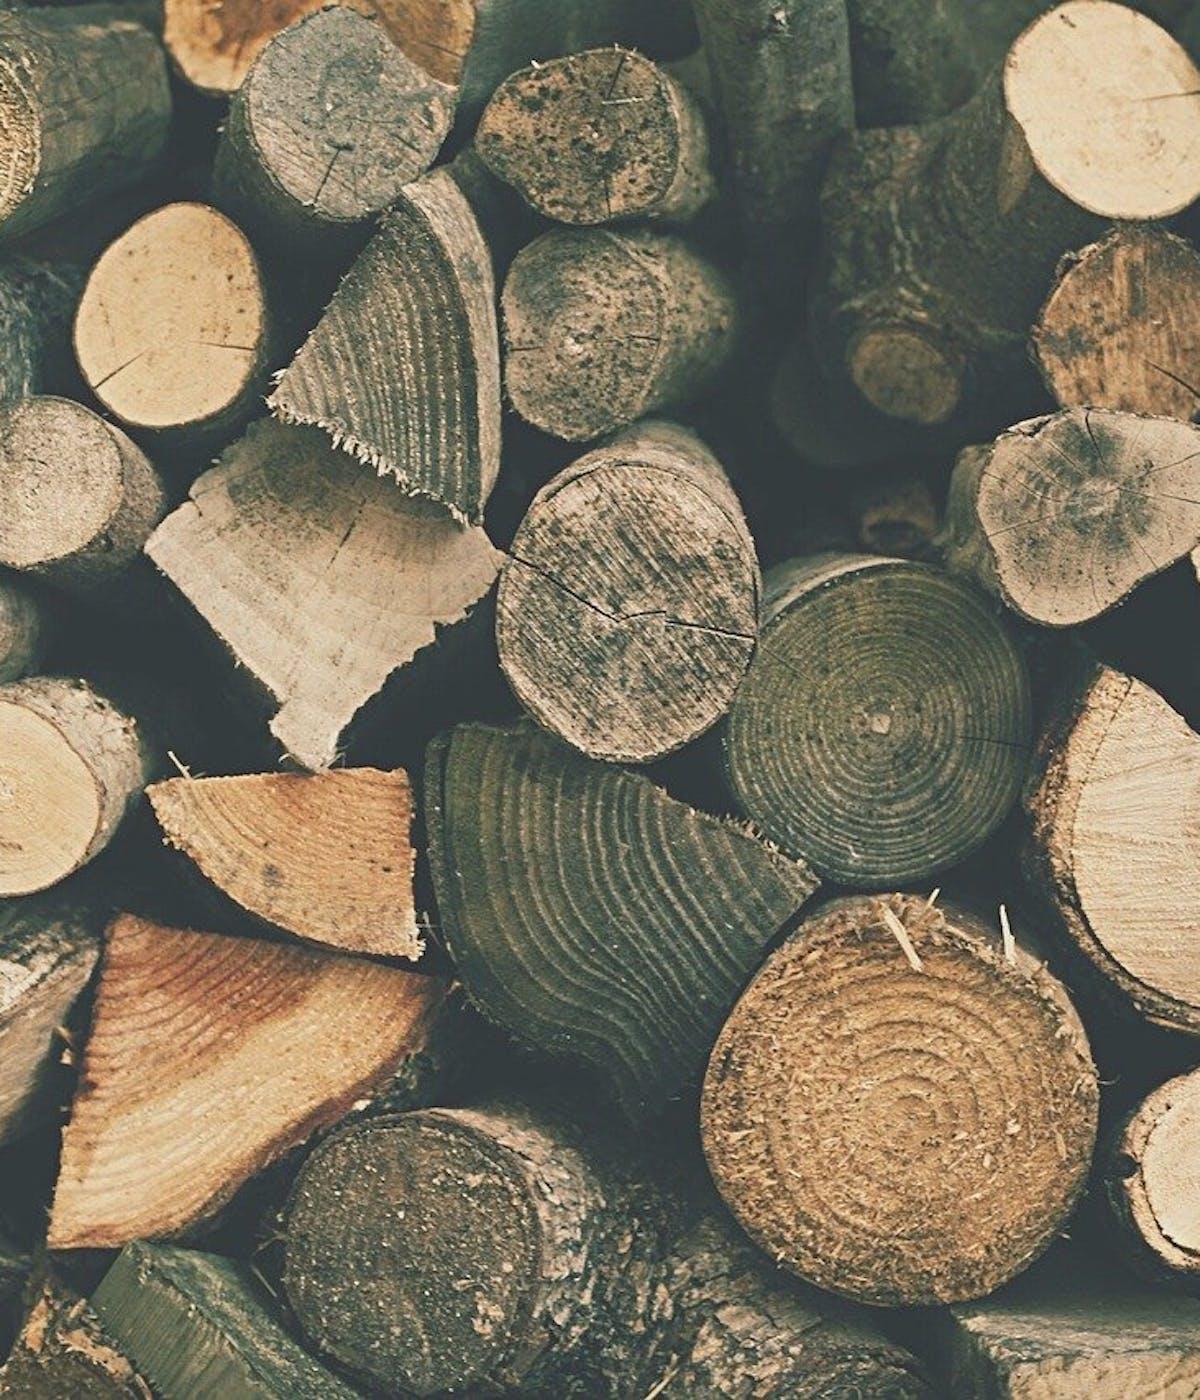 Holz aus nachhaltiger Rodung